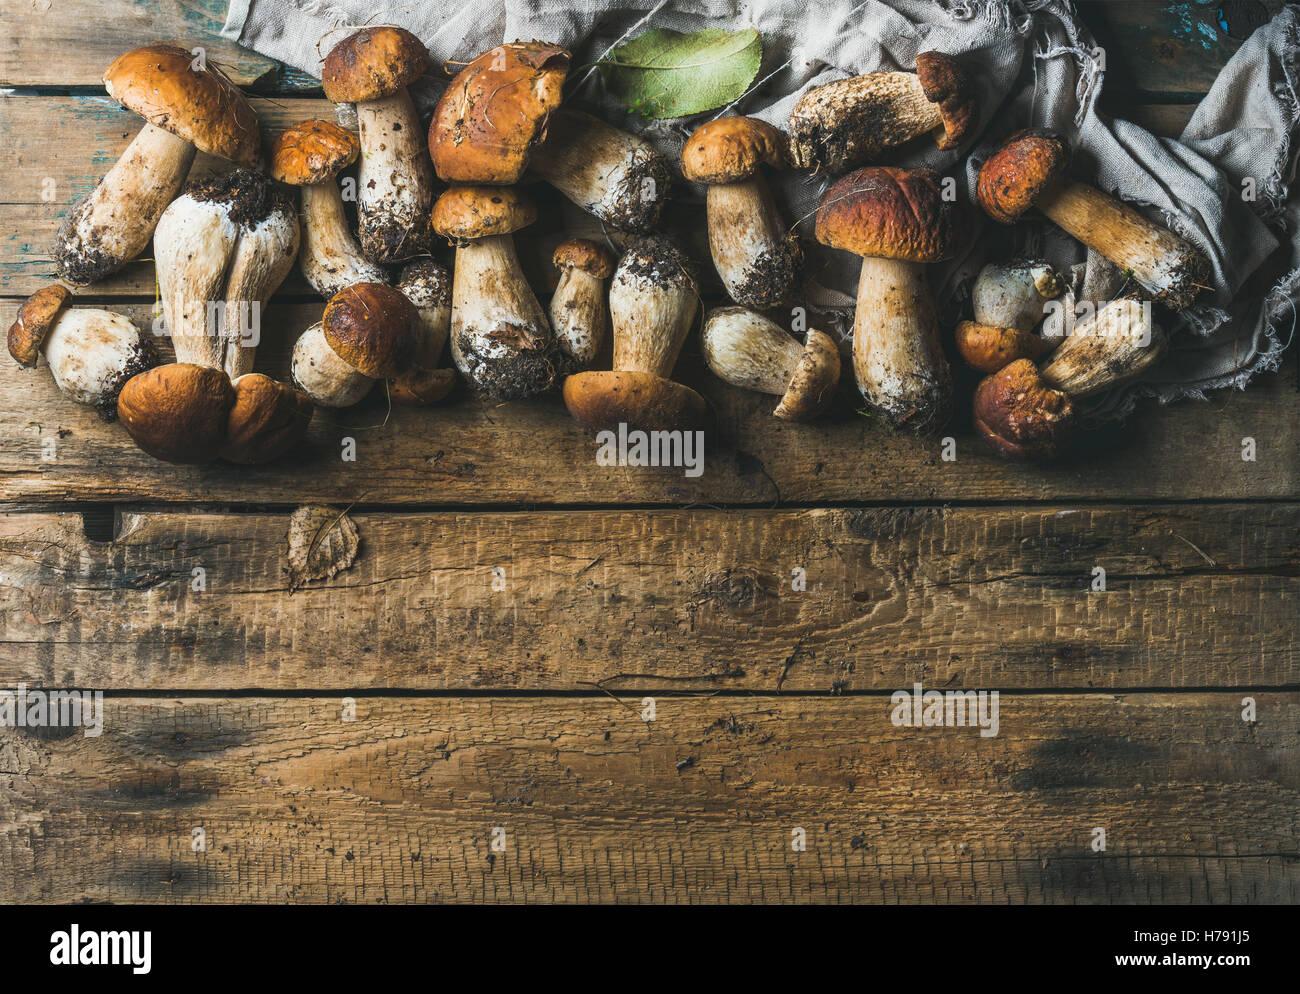 Cruda fresca setas blancas sobre fondo de madera Imagen De Stock